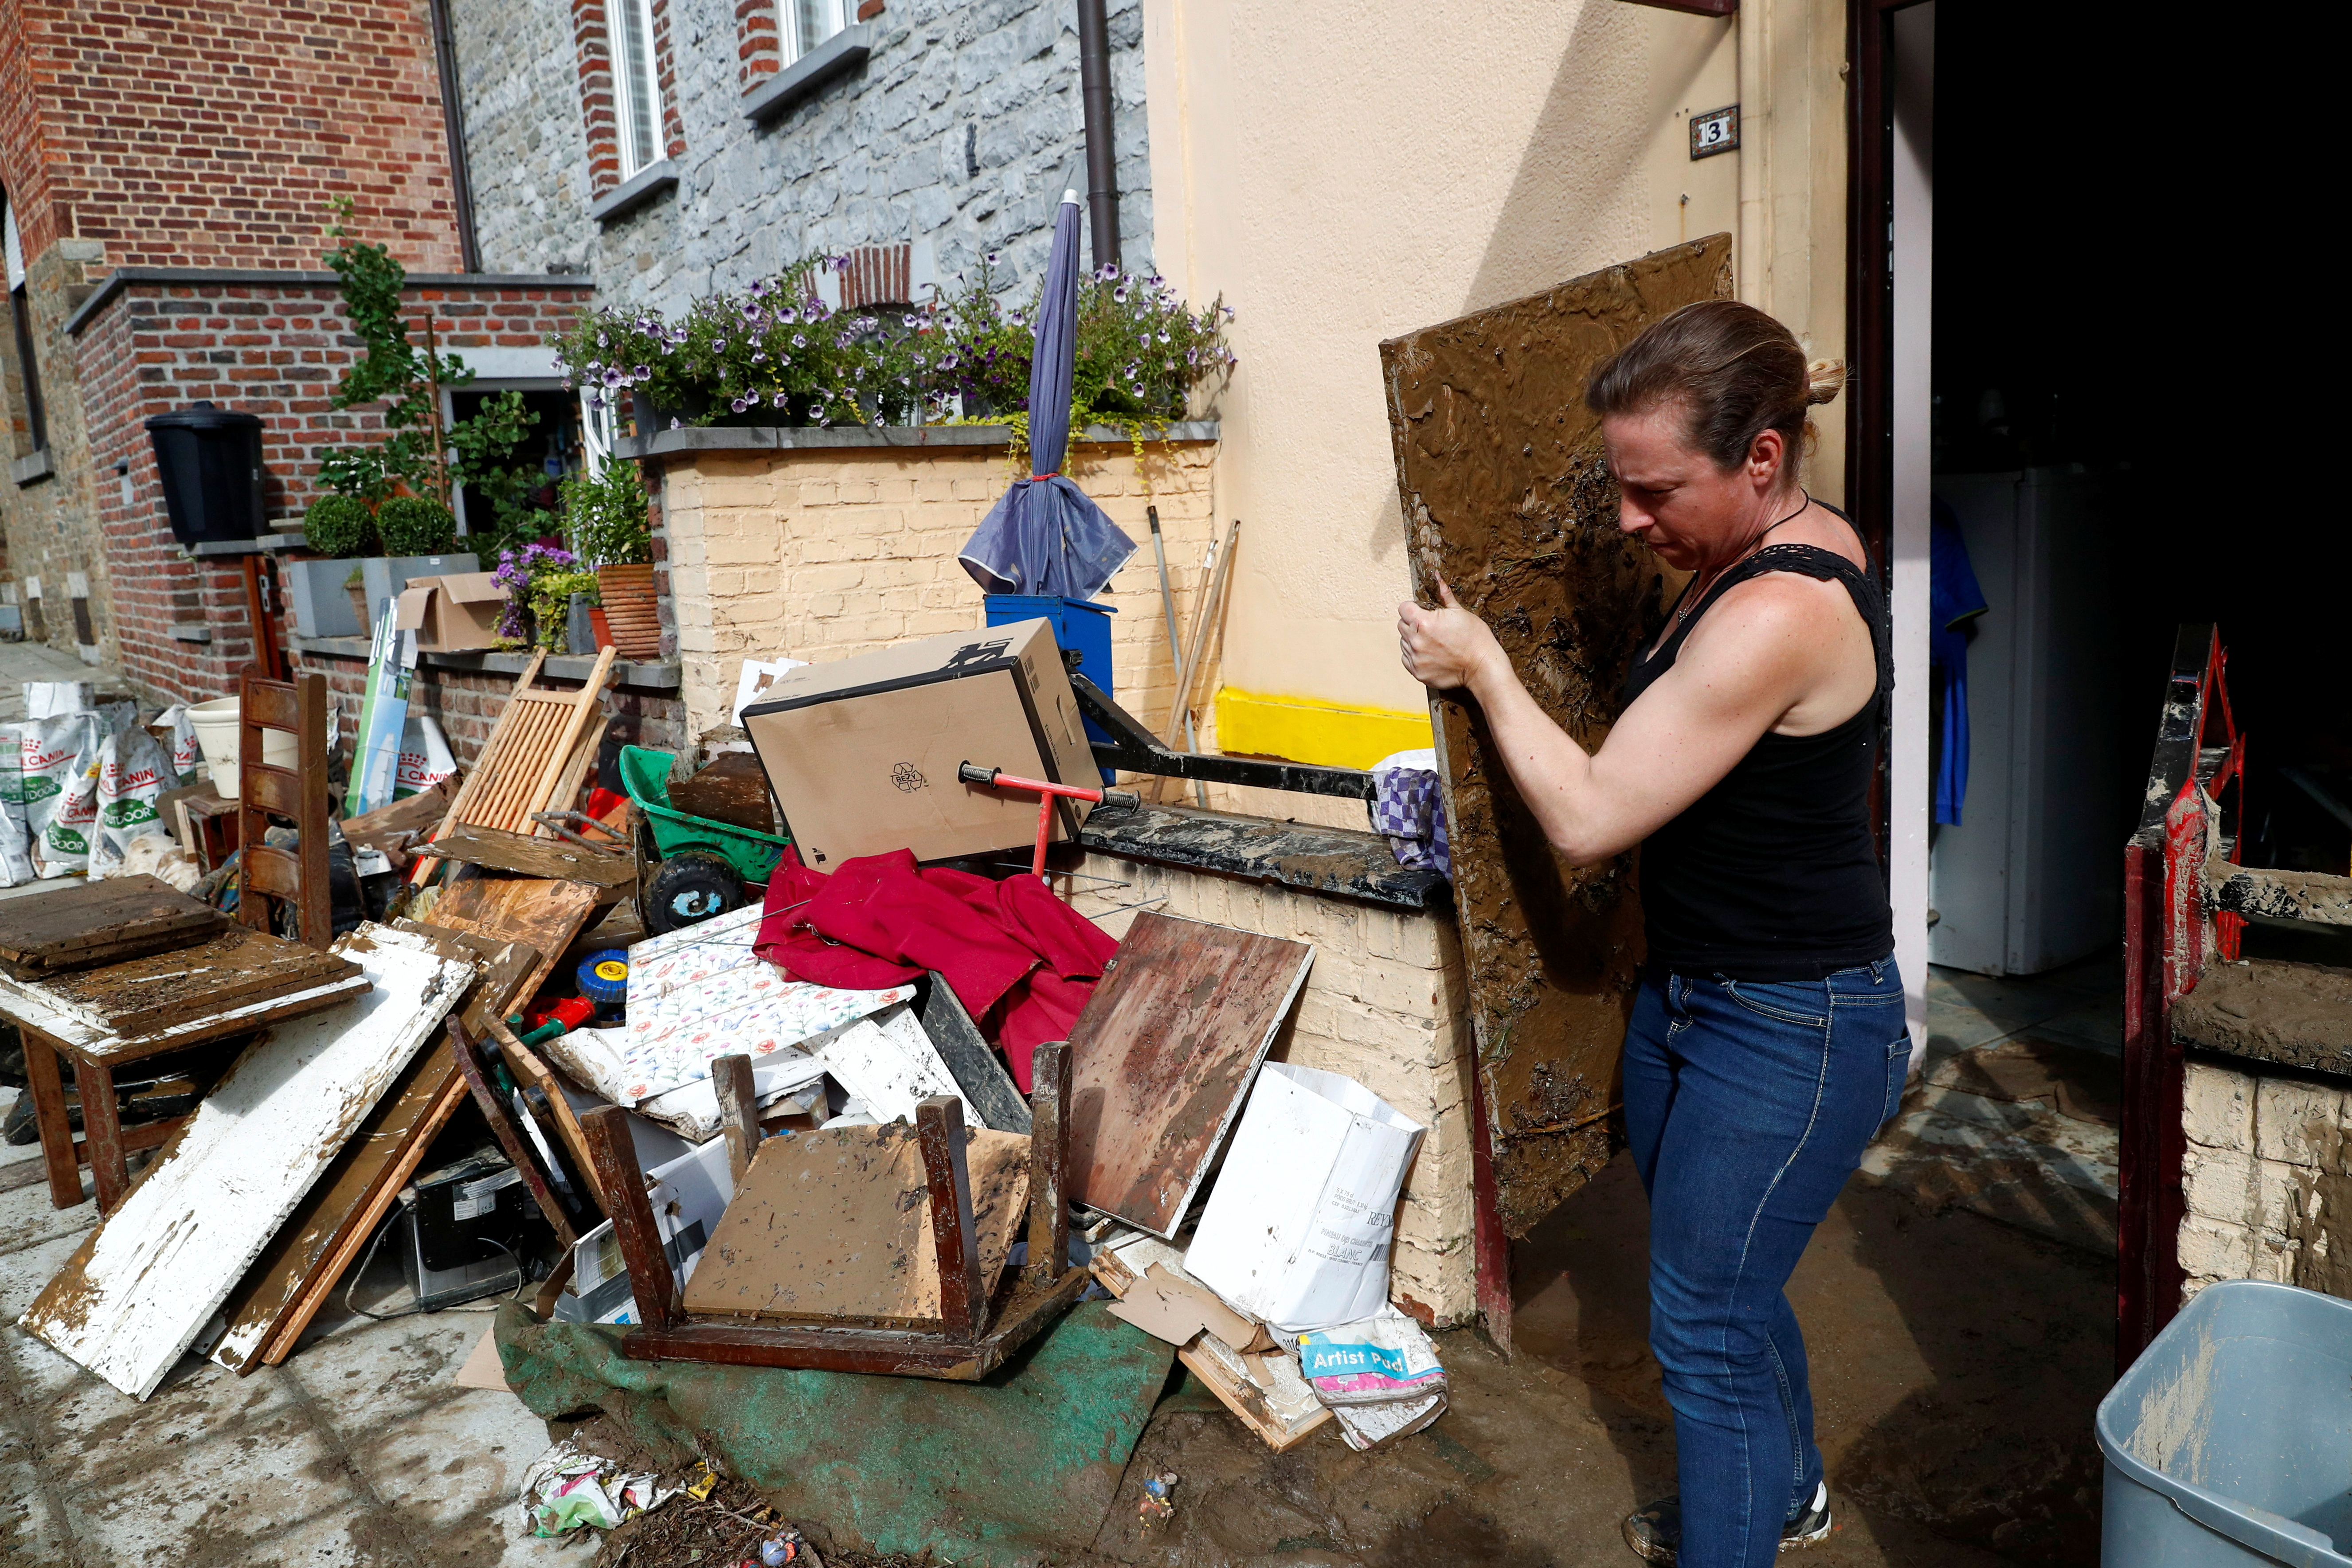 Mulher trabalha para recuperar seus pertences após fortes chuvas em Dinant, Bélgica, 25 de julho de 2021. REUTERS / Johanna Geron